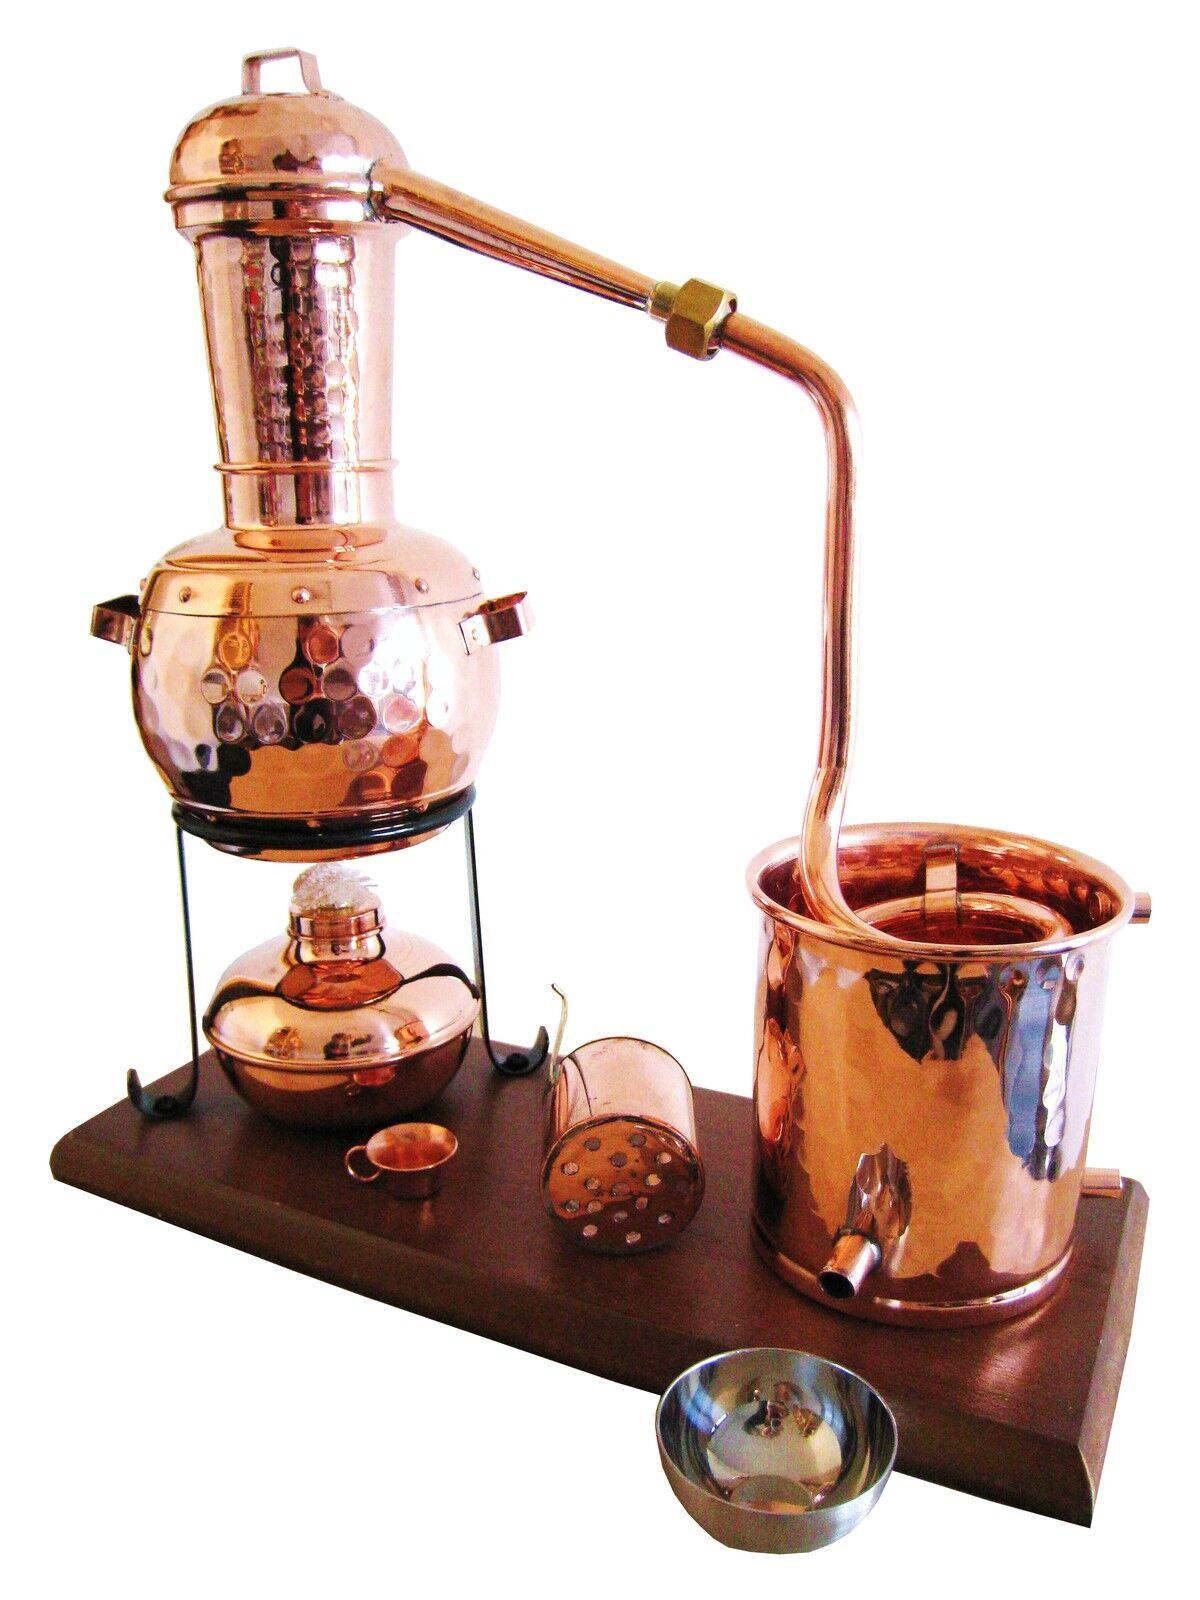 B-Ware  Destille, Modell  Kalif  mit Aromakorb Kratzer auf Brett